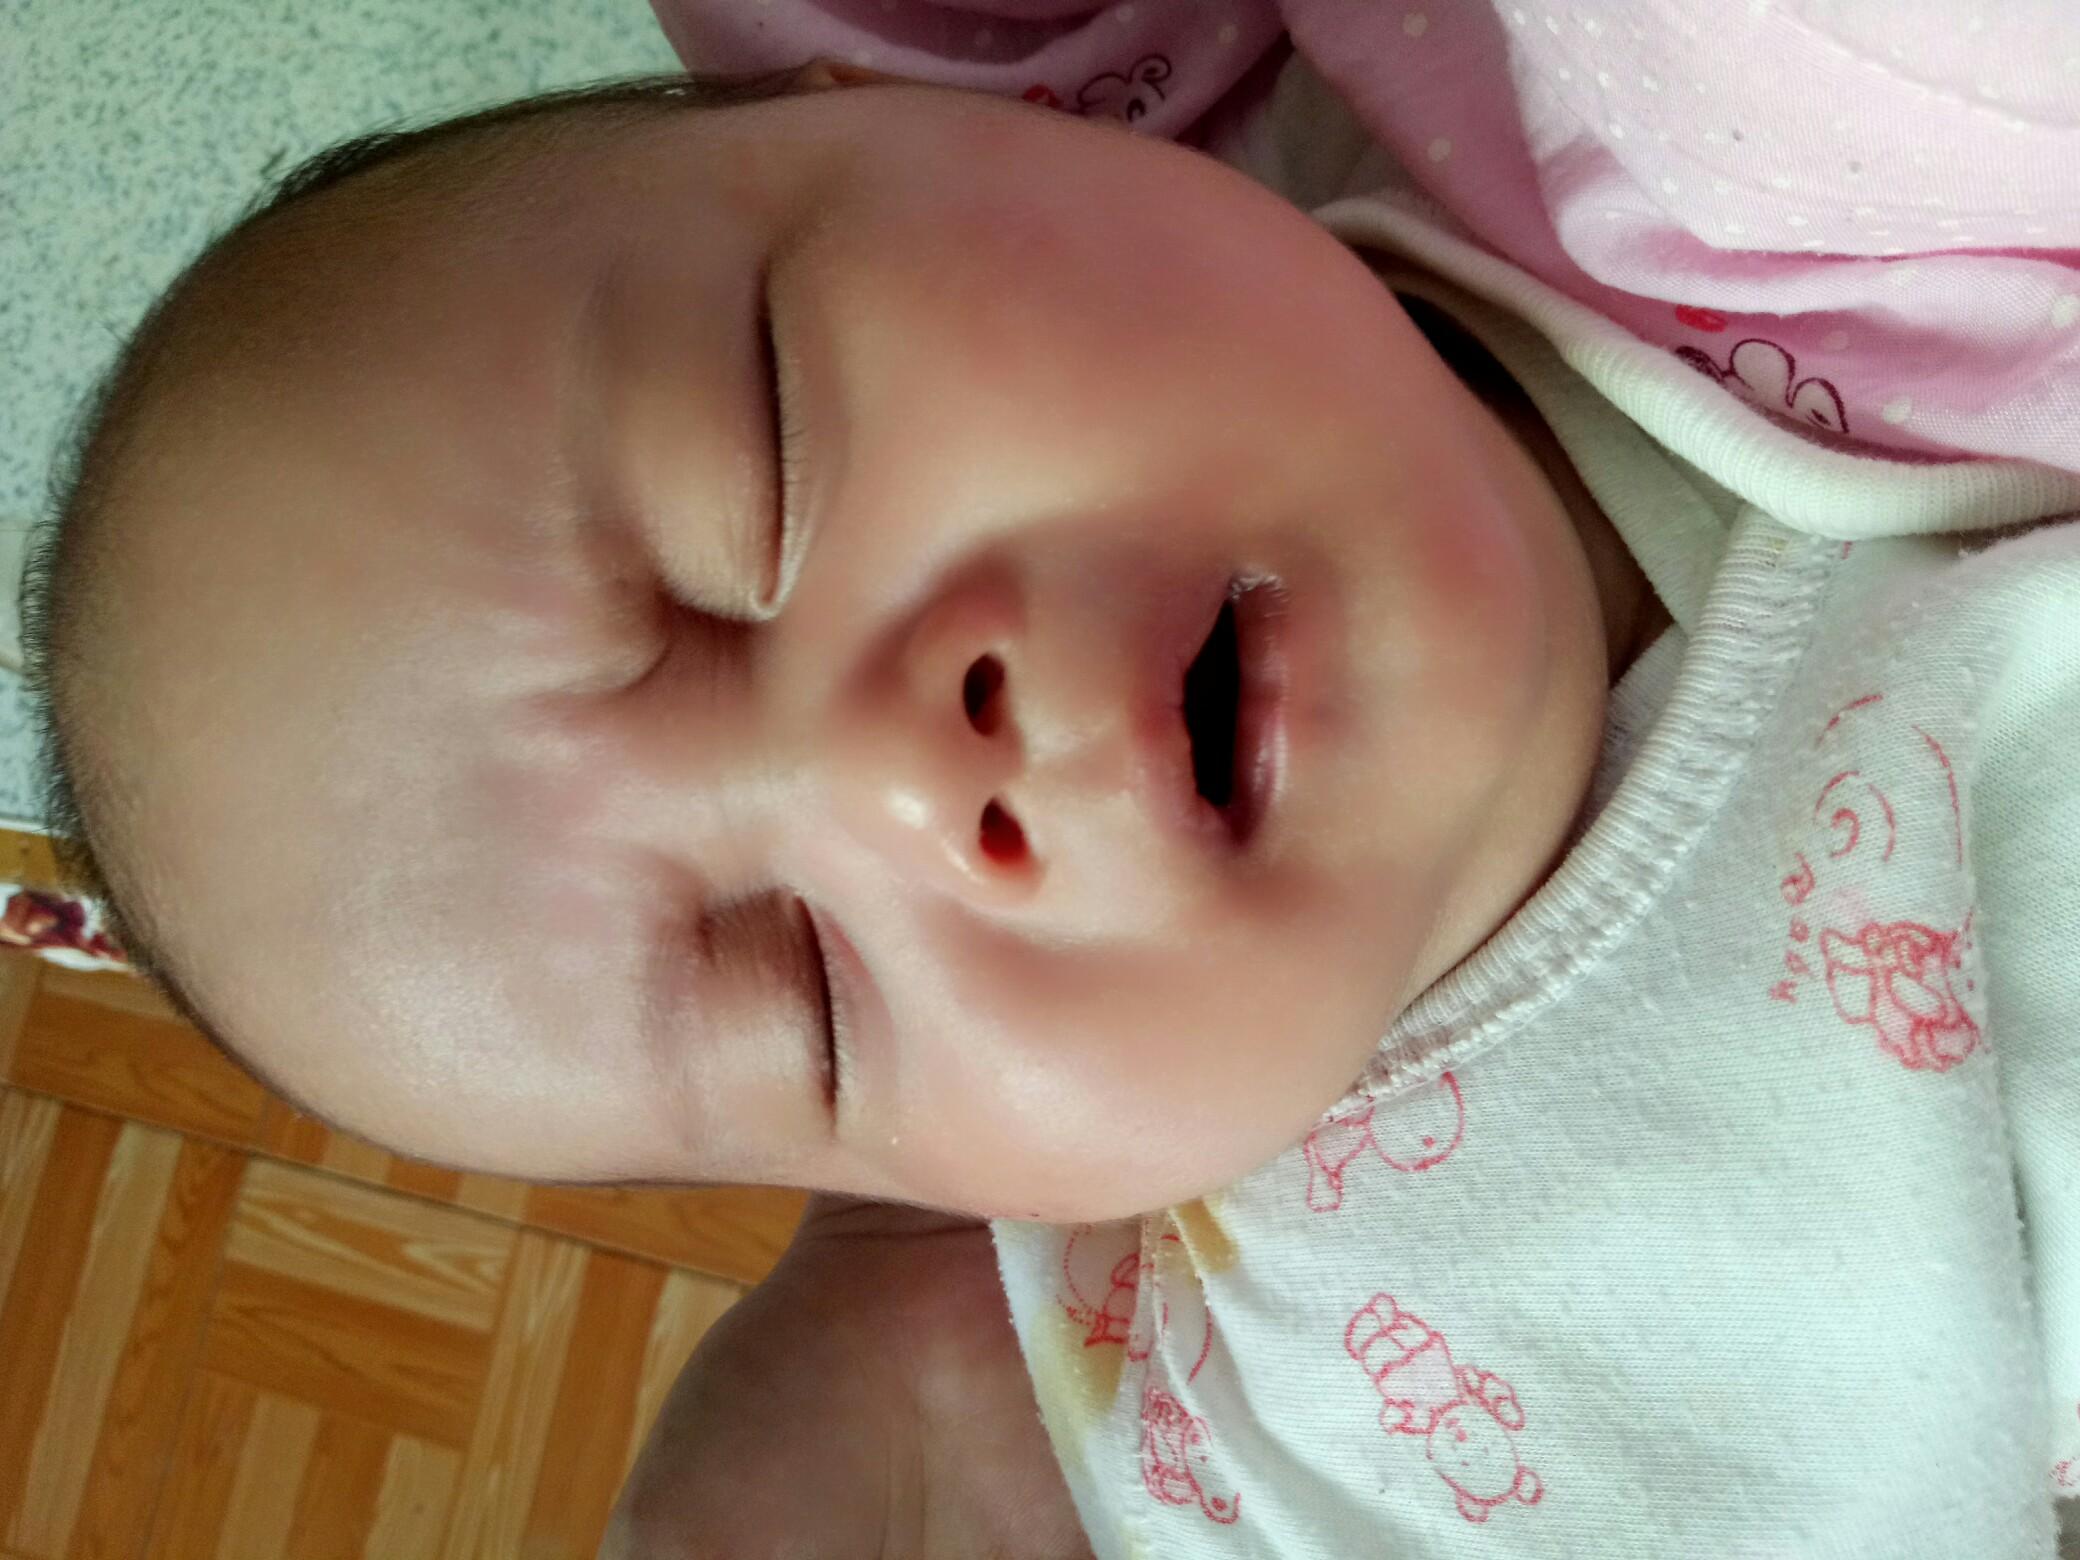 宝宝 壁纸 孩子 小孩 婴儿 2080_1560